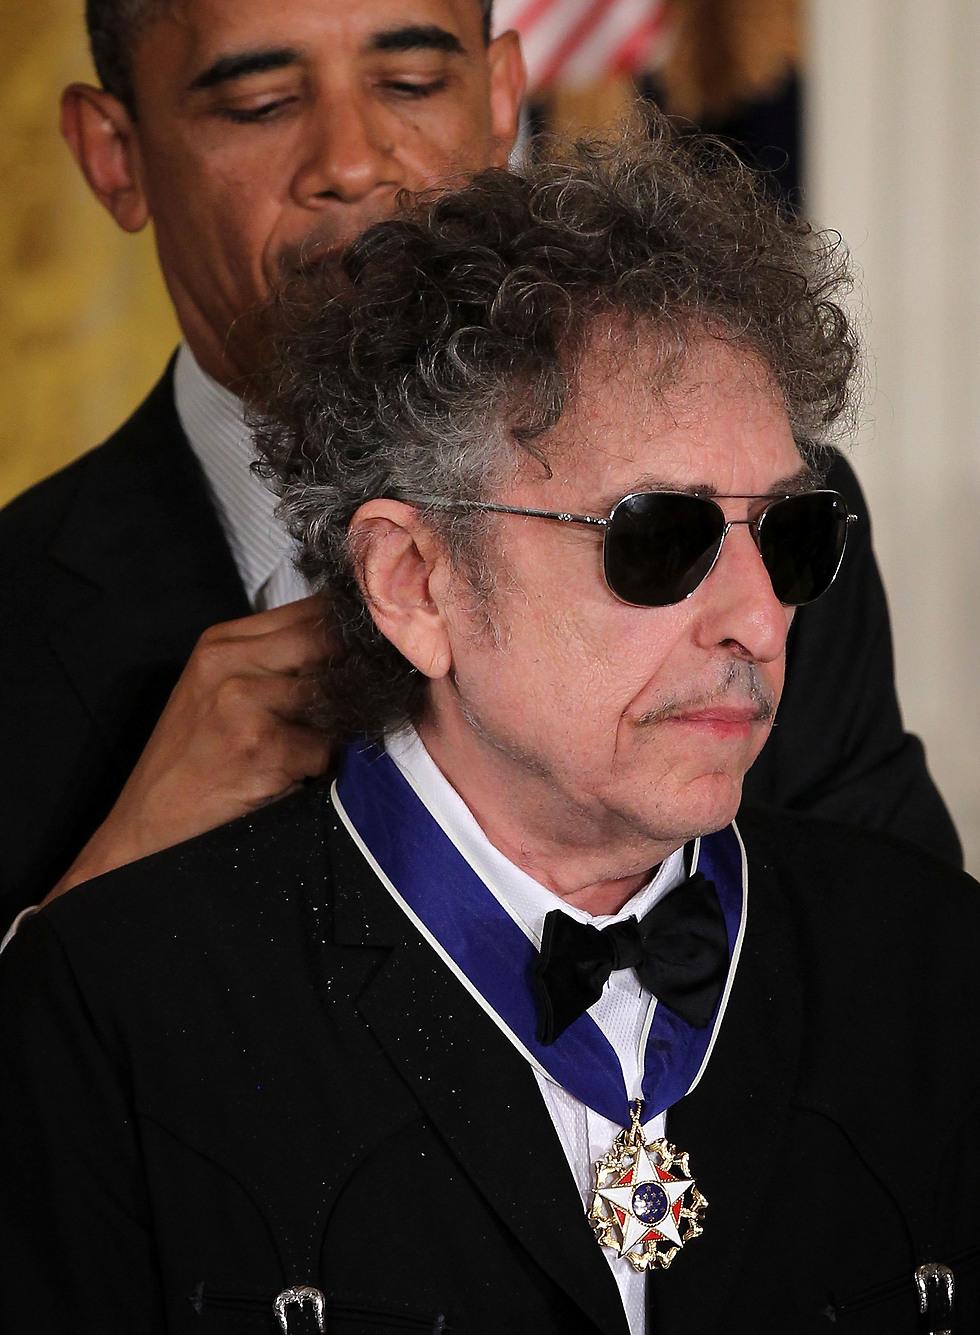 לא חסרים חומרים שיכלו להוות השראה לאלבום חדש. דילן מקבל מדליה מברק אובמה (צילום: Gettyimages) (צילום: Gettyimages)